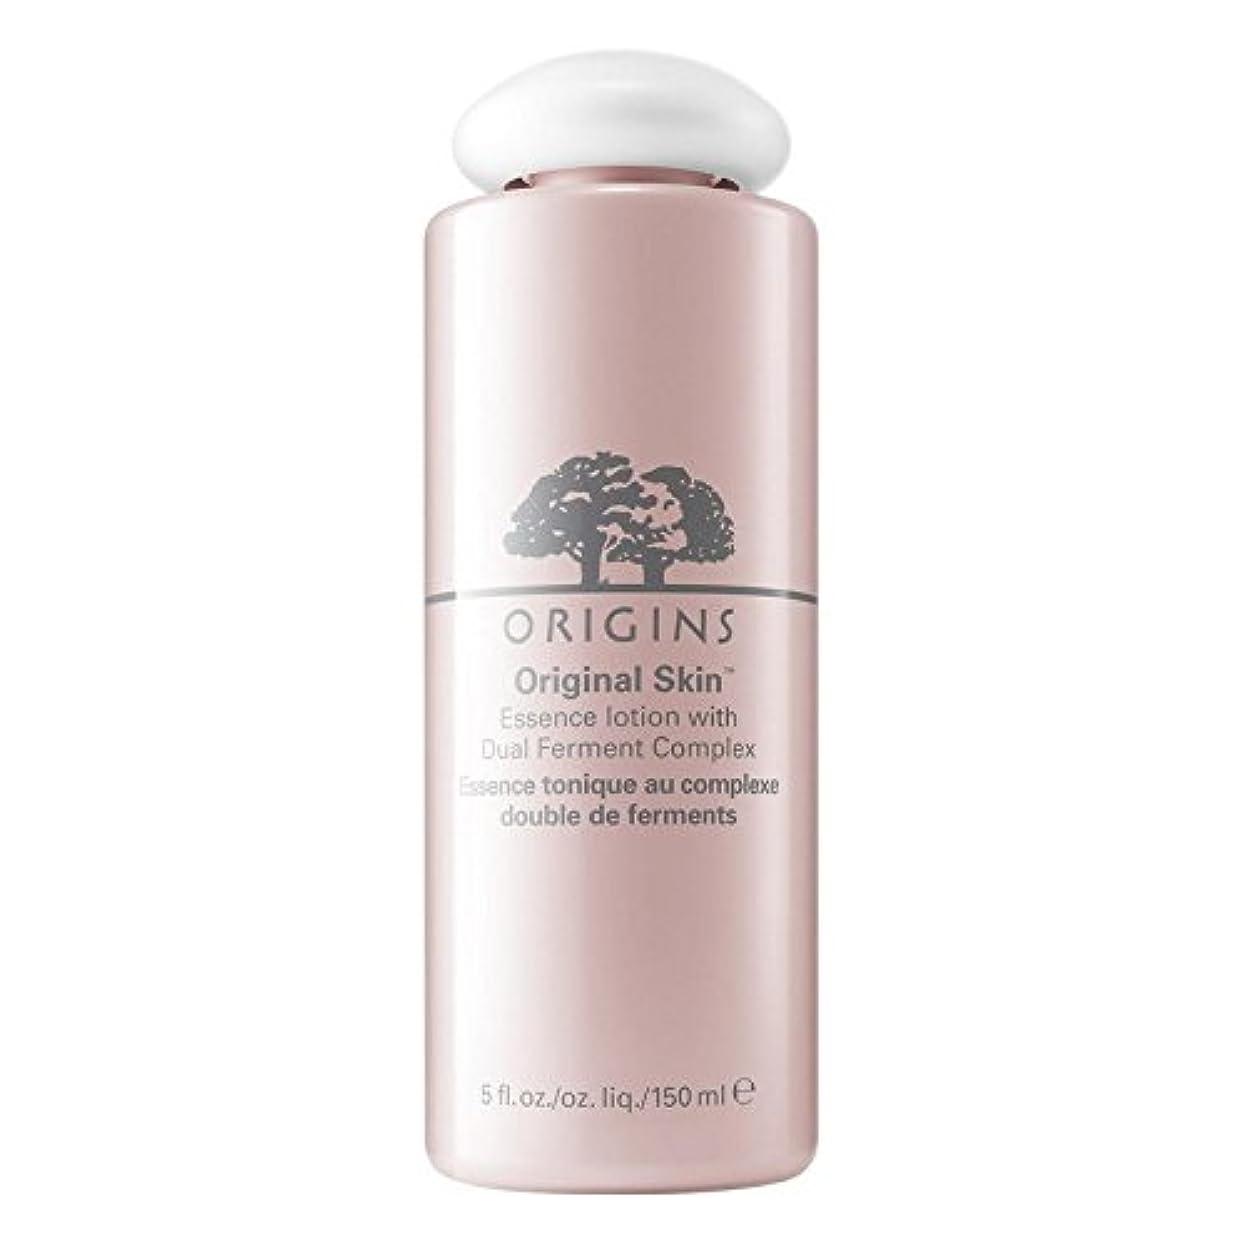 印象的万一に備えて松Origins Original Skin Essence Lotion 150ml (Pack of 6) - 起源オリジナルスキンエッセンスローション150 x6 [並行輸入品]